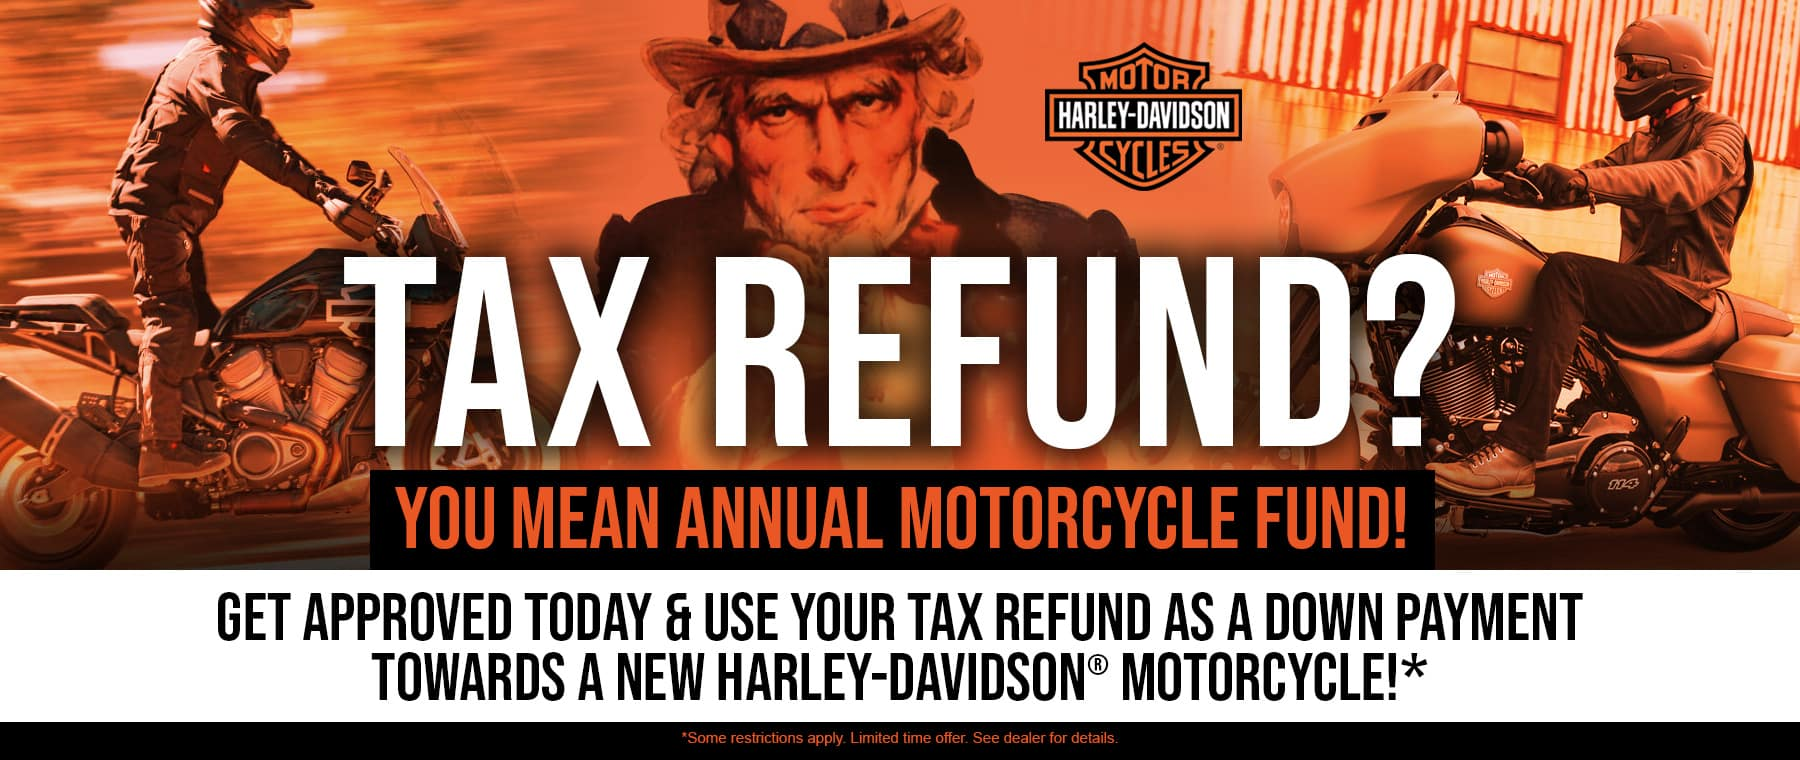 HD_Tax_refund_rot_1800x760